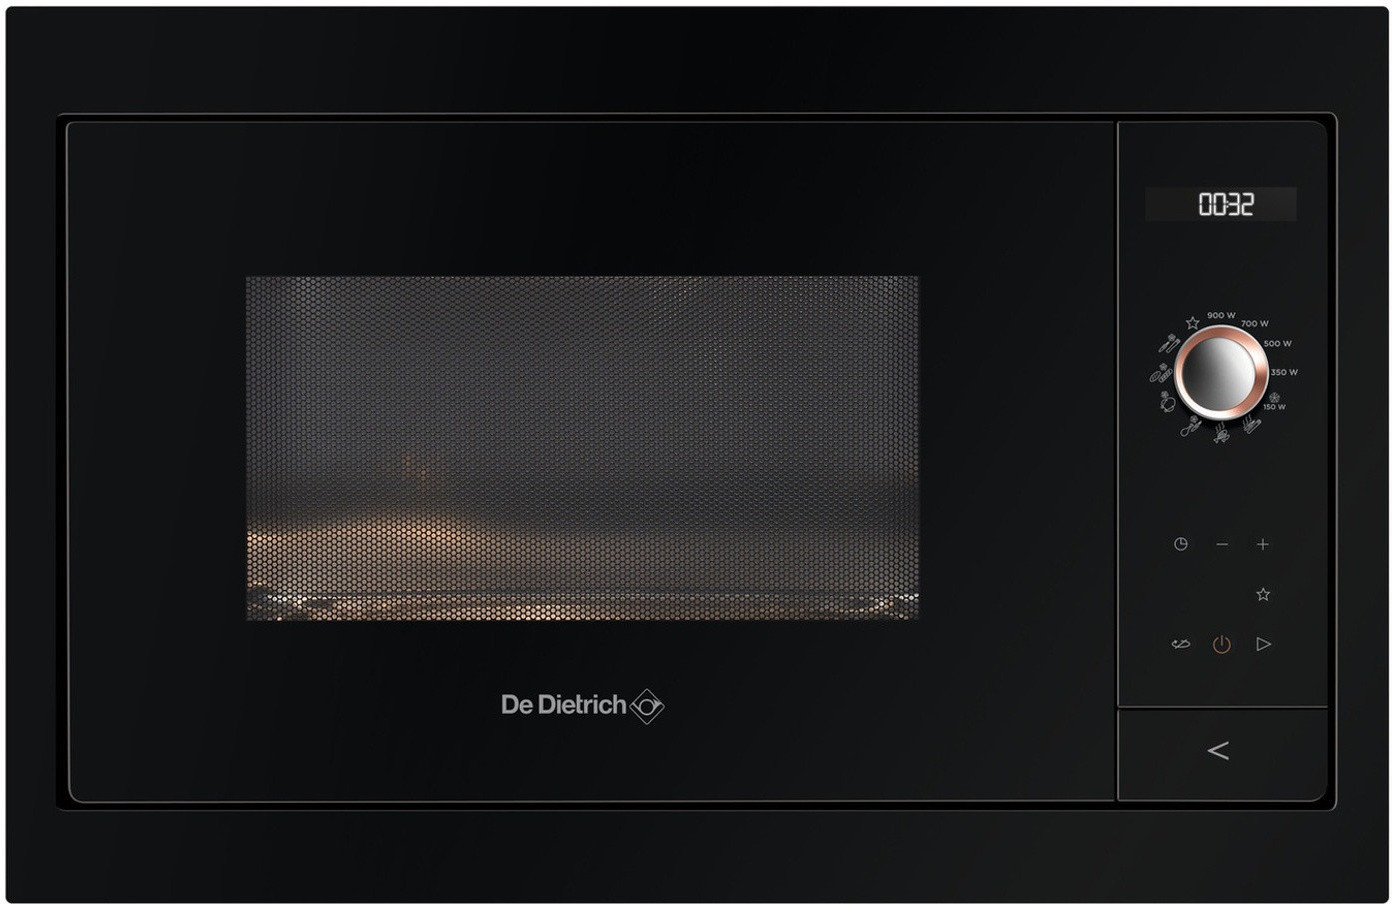 Image of De Dietrich DME7121